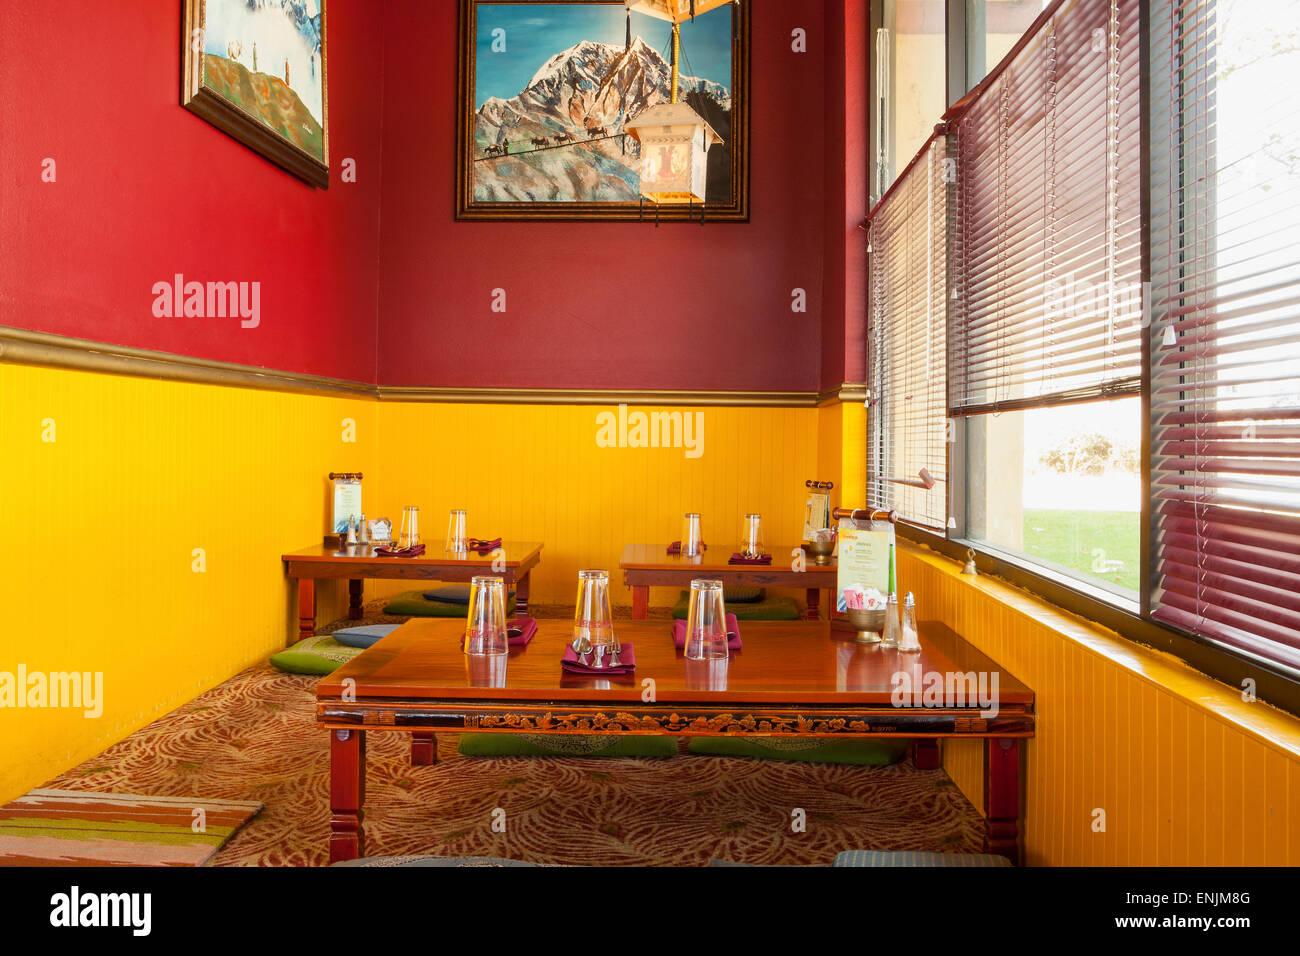 Tibet Restaurant Fotos E Imagenes De Stock Alamy